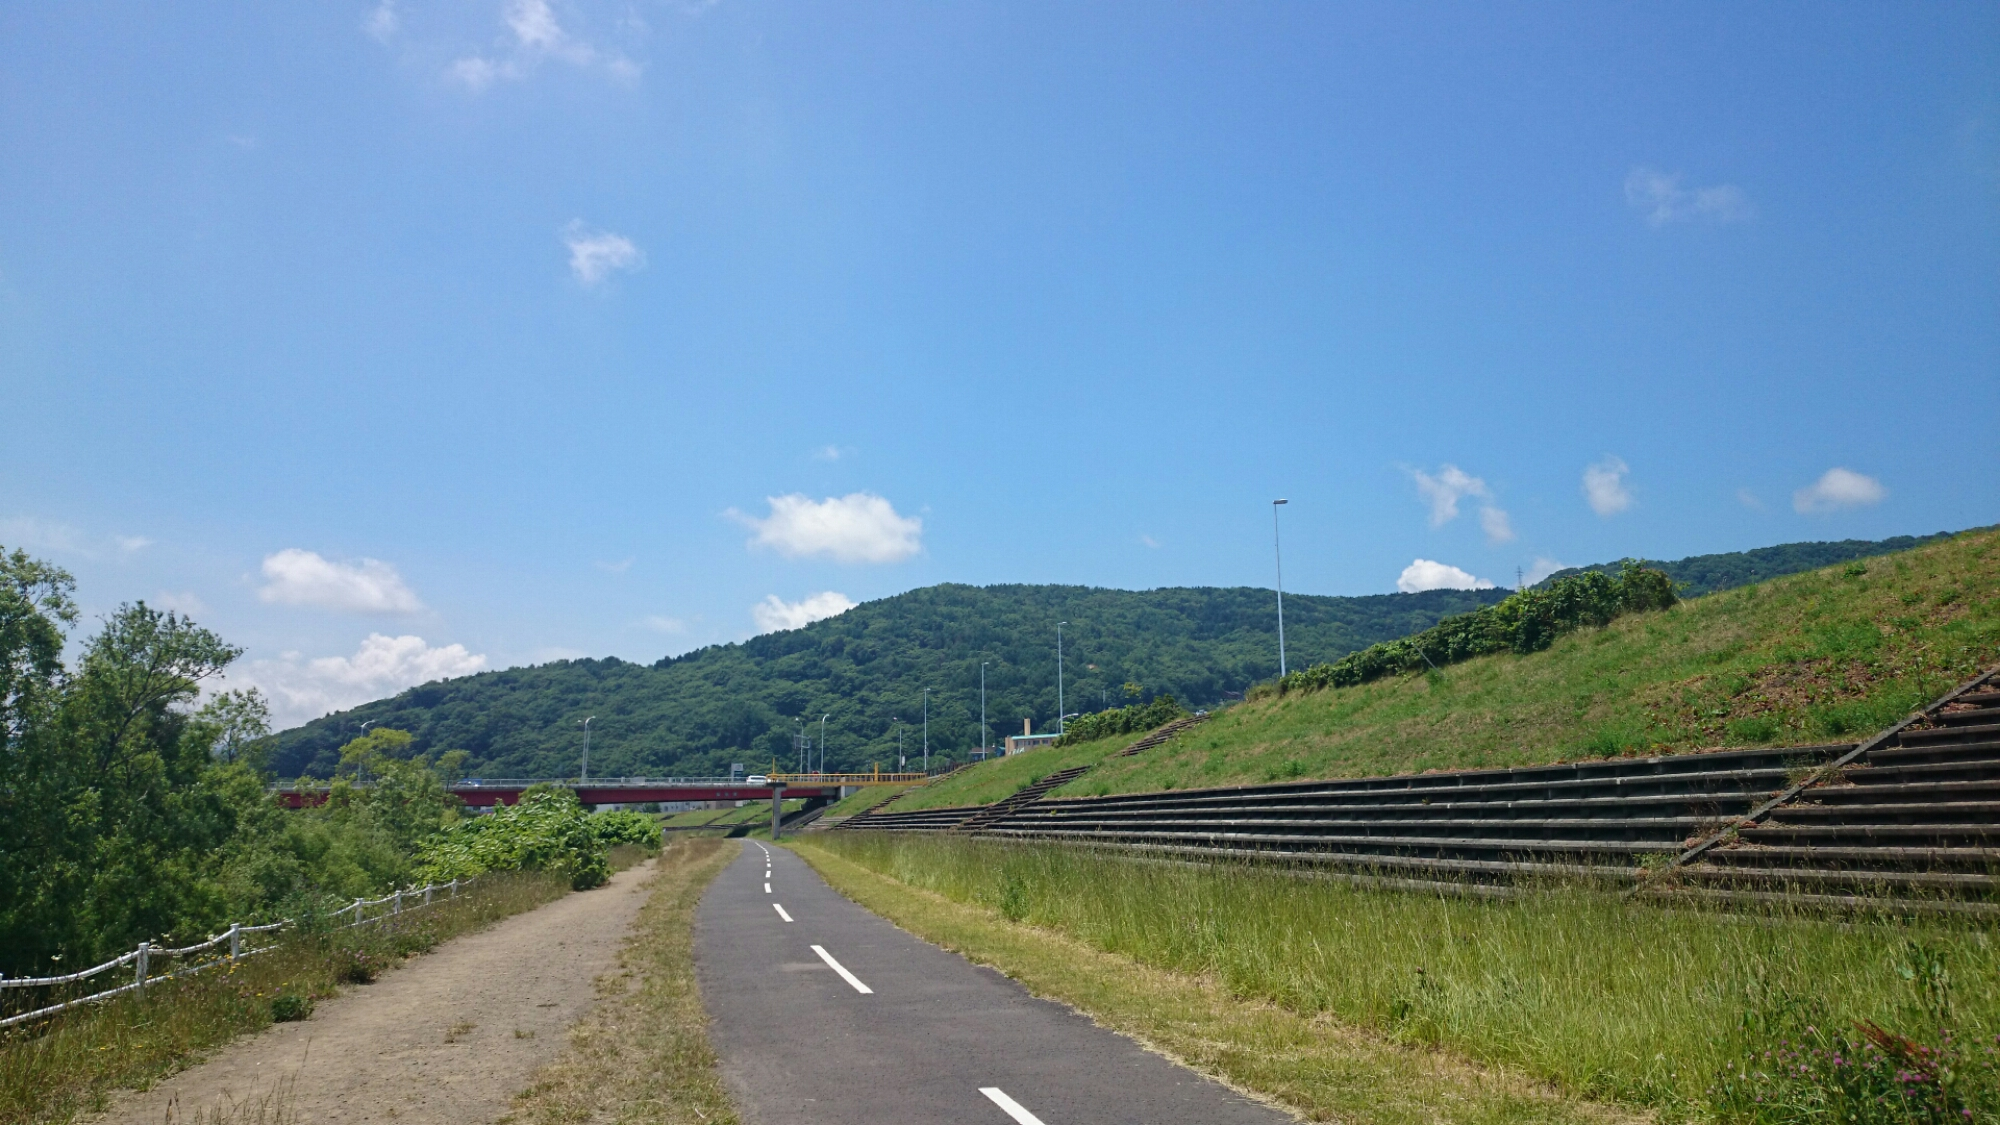 豊平川サイクリングロード。クロスバイクCYLVA F24でサイクリング